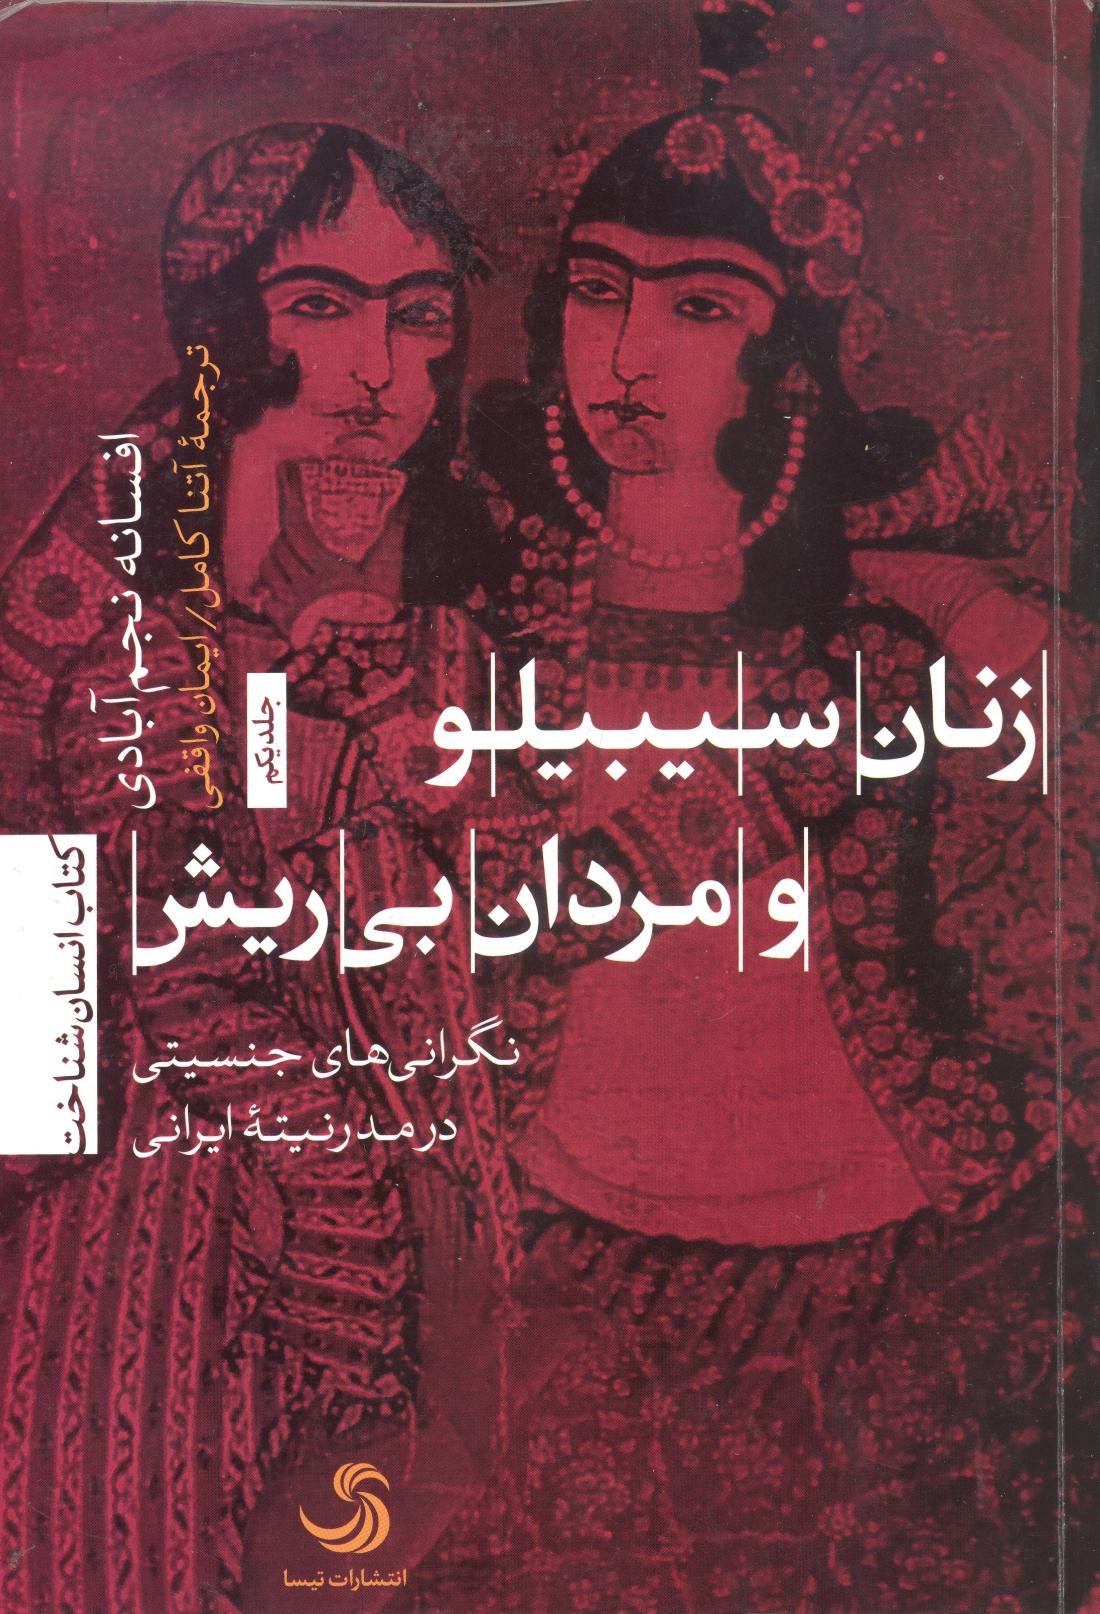 معرفی کتاب: زنان سیبیلو و مردان بی ریش